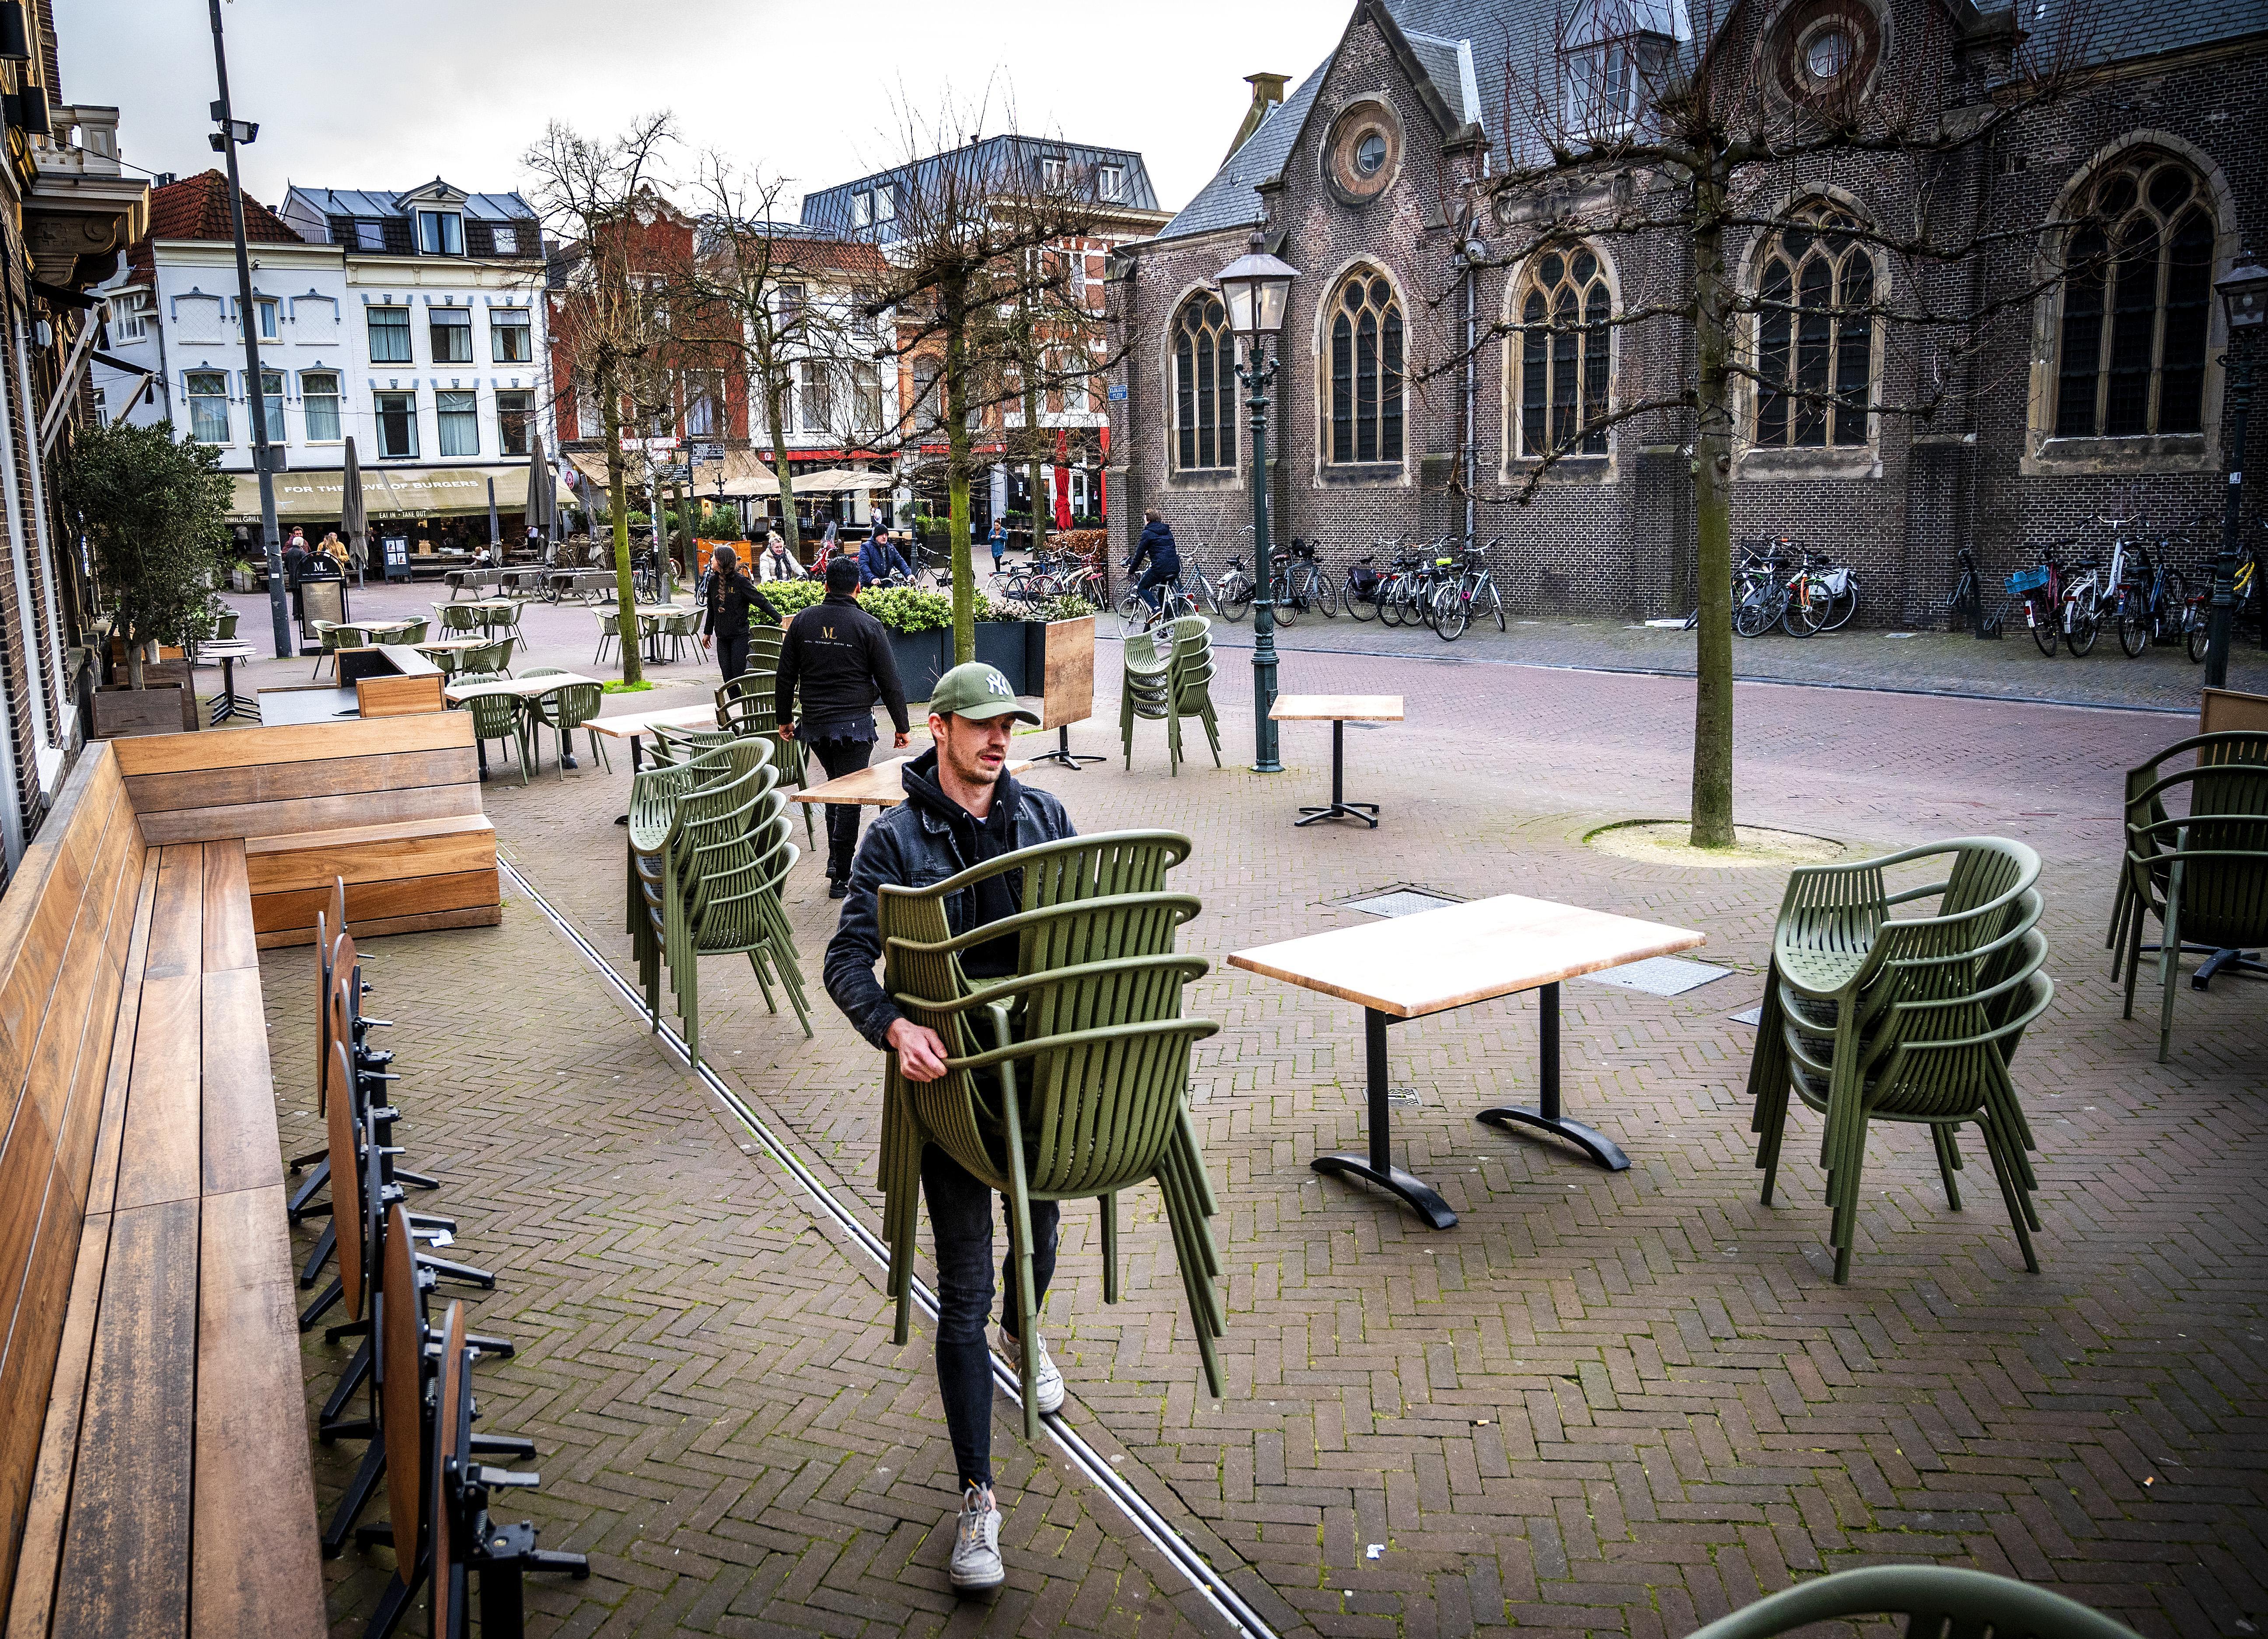 Corona in de Haarlemse regio: talloze uitgedeelde boetes, veel meer jeugdoverlast en minder banen in de horeca